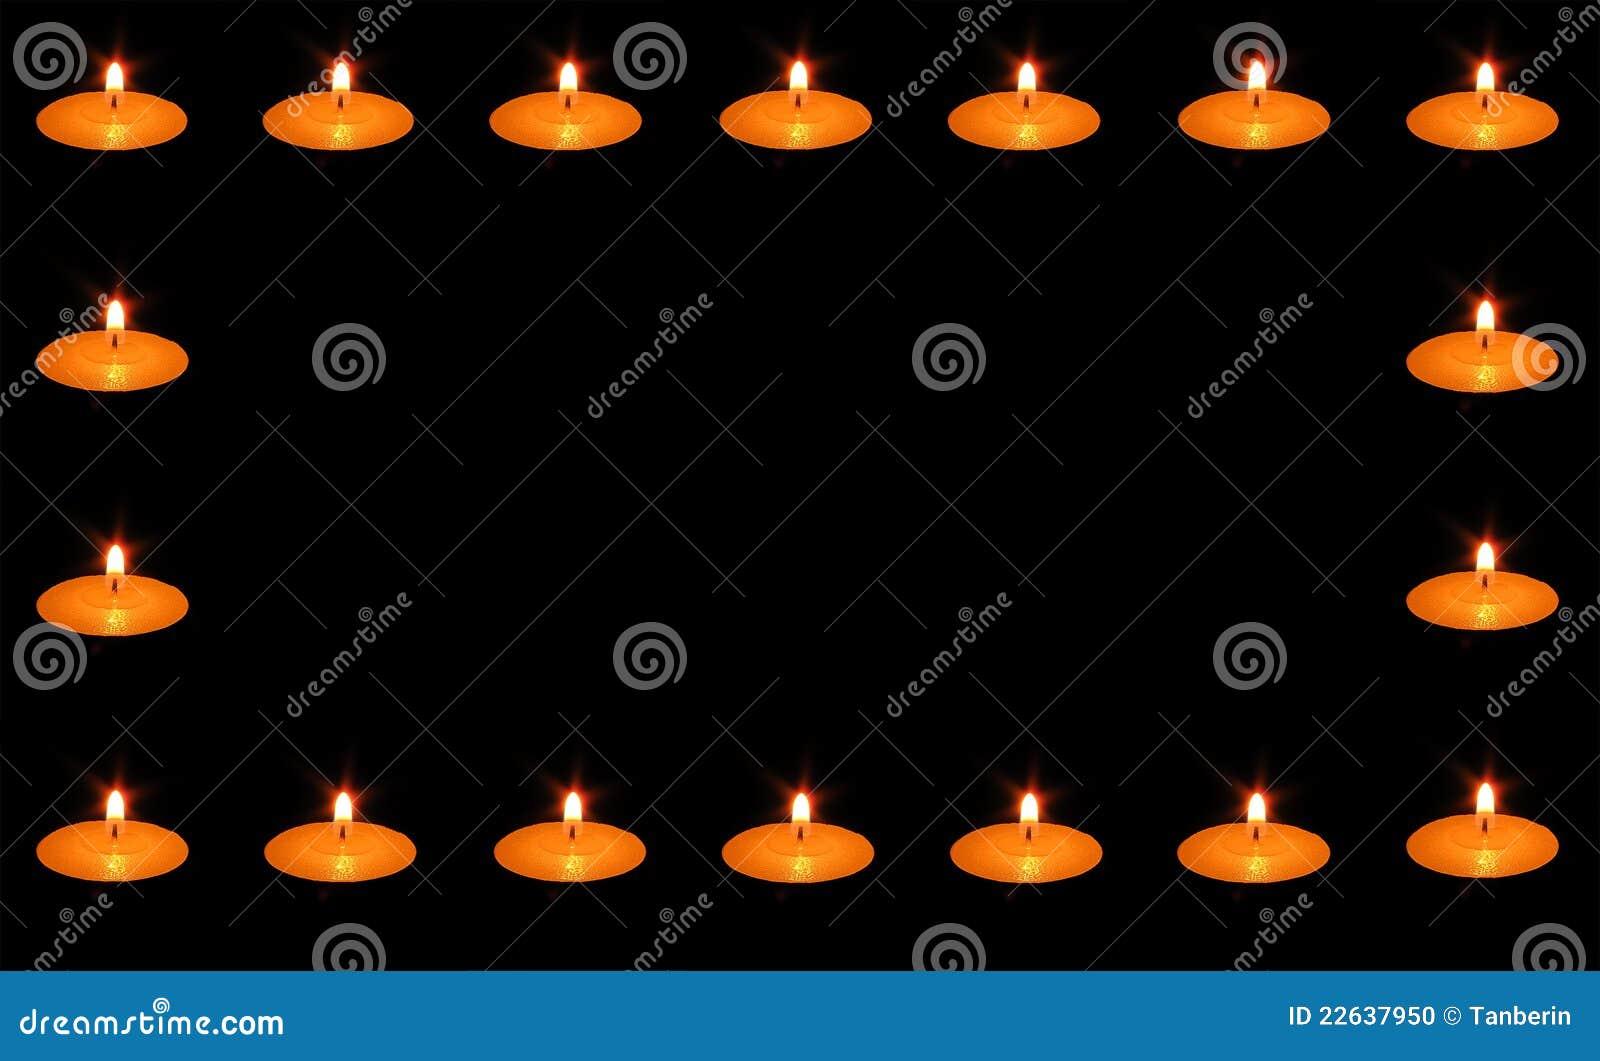 Best Candle frame stock photo. Image of melting, ceremony - 22637950 TZ48